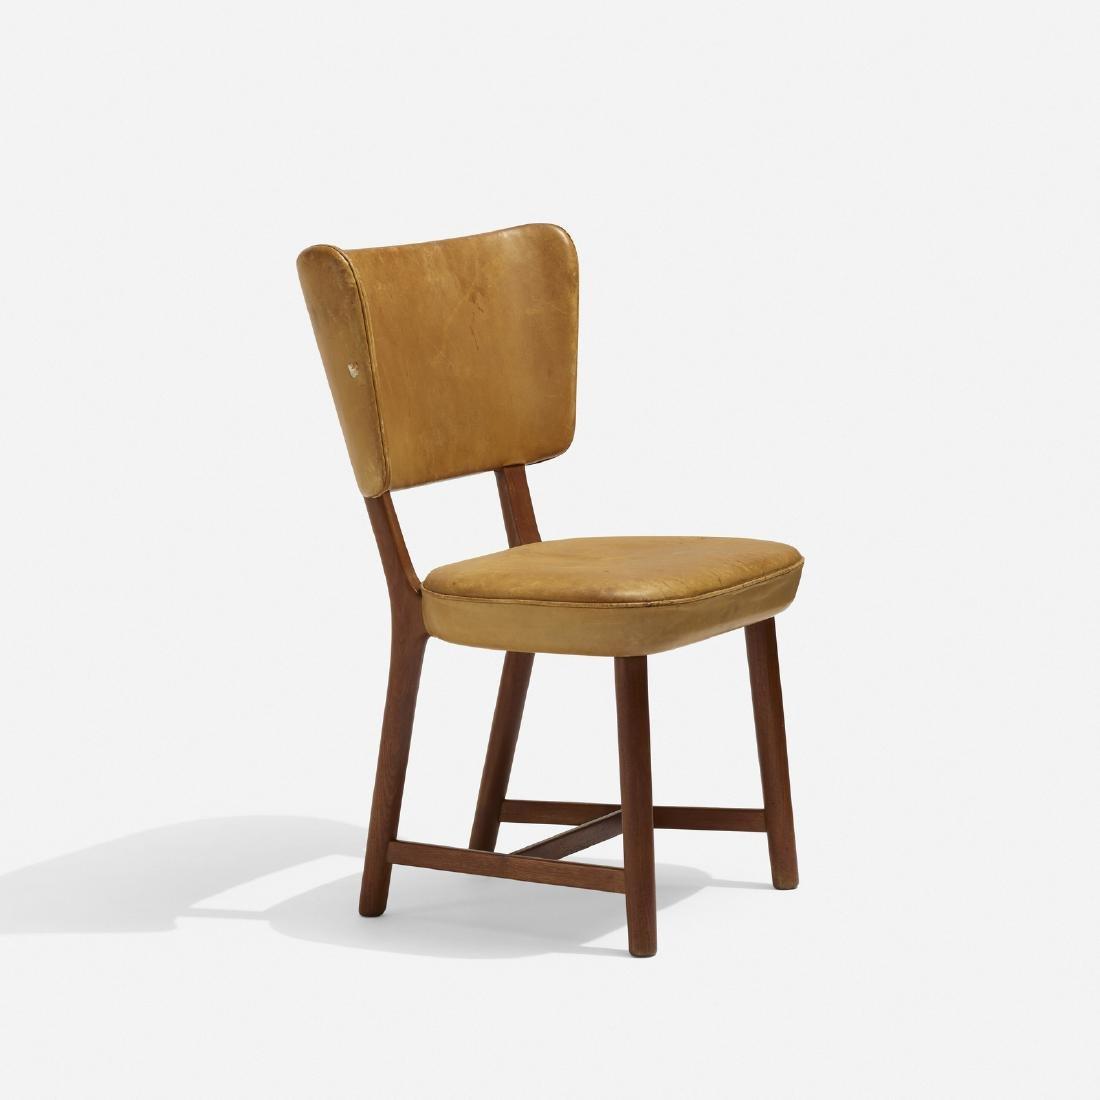 Tyge Hvass, chair